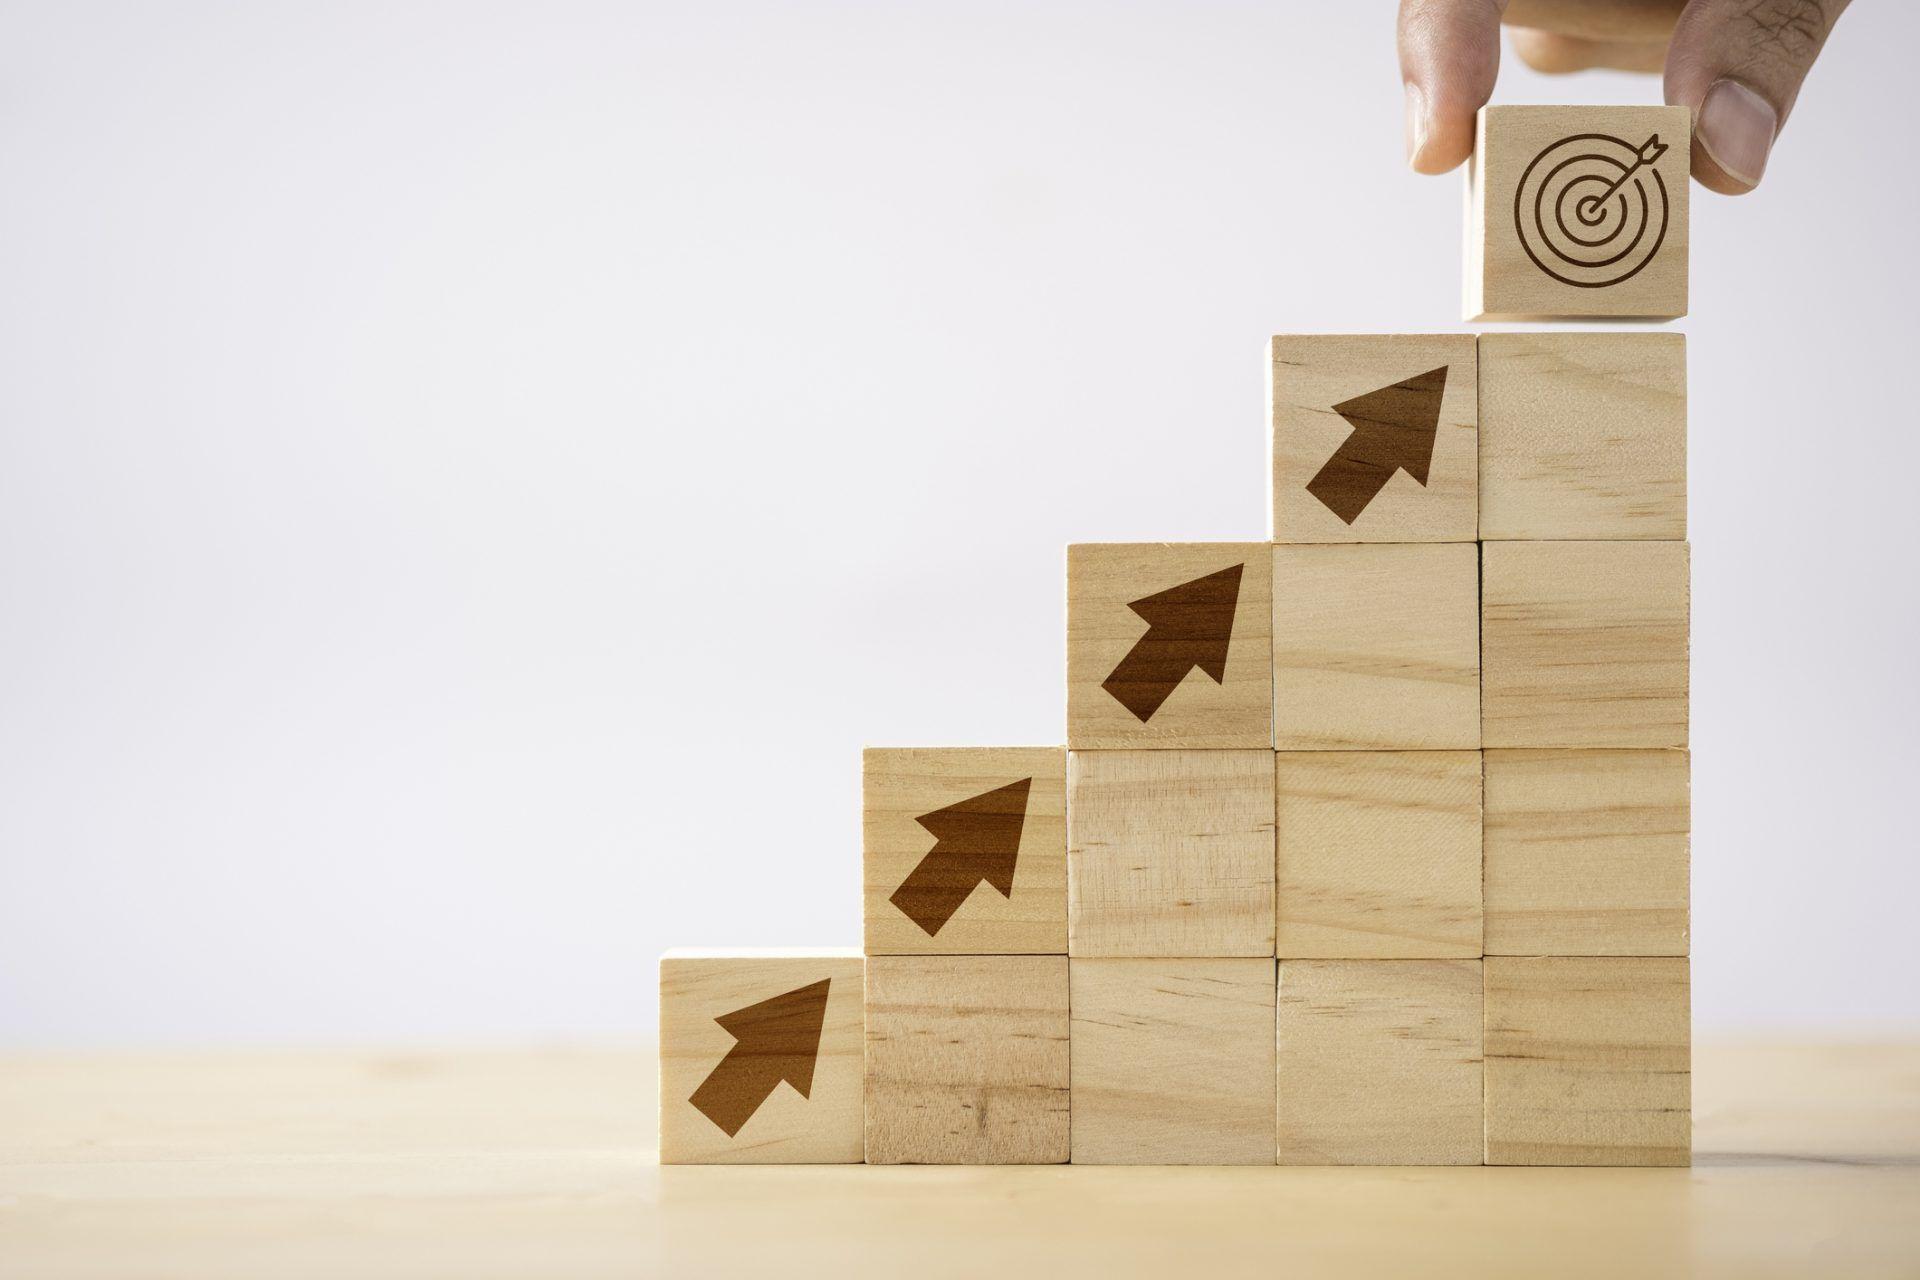 Mercadotecnia: ¿qué es y cuántos tipos existen?